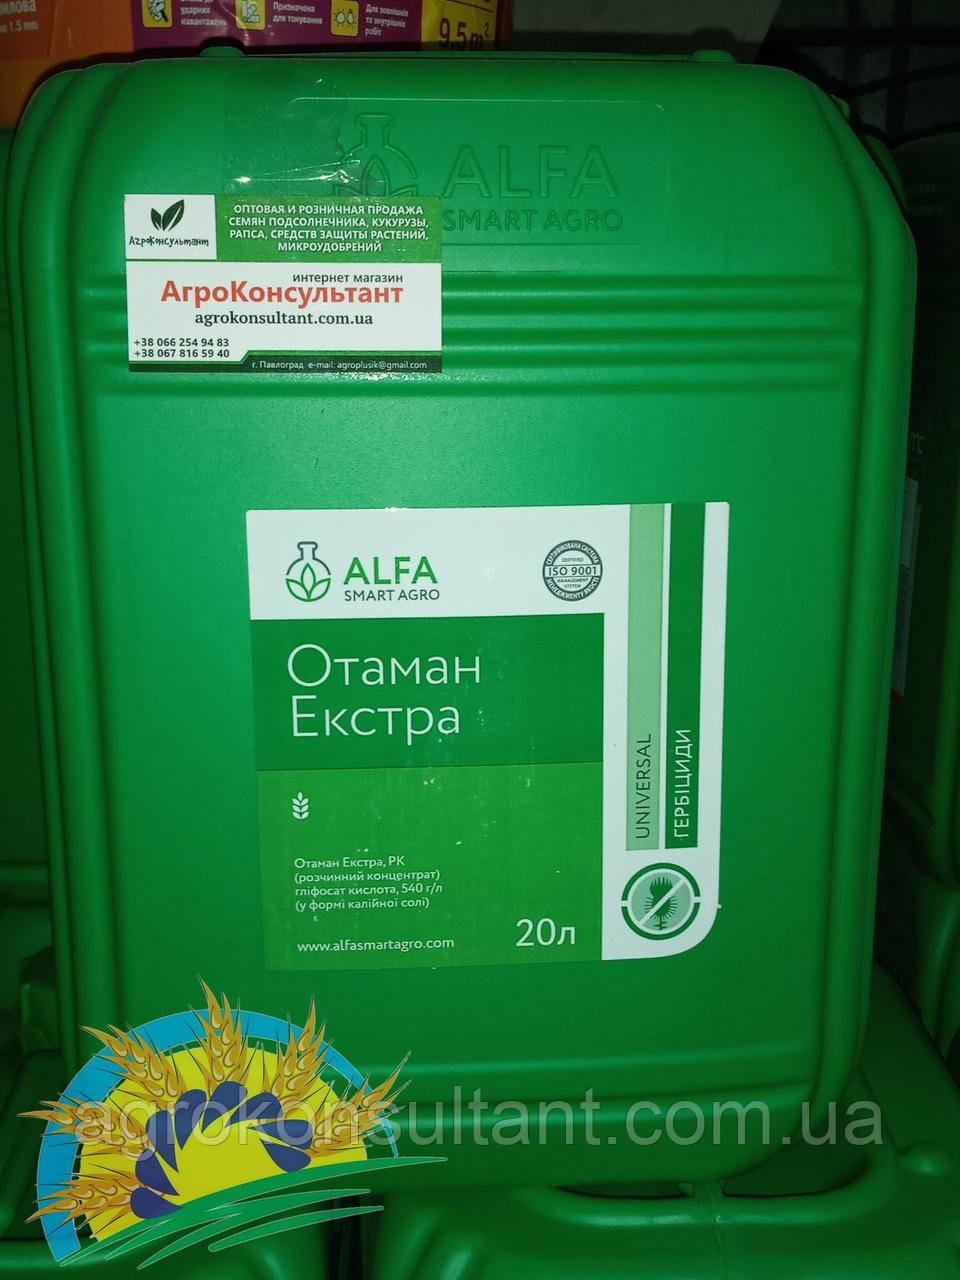 Отаман Экстра, 20л (аналог Раундап Экстра) - СПЛОШНОЙ гербицид (калийная соль глифосата,663 г/л). Альфа Смарт